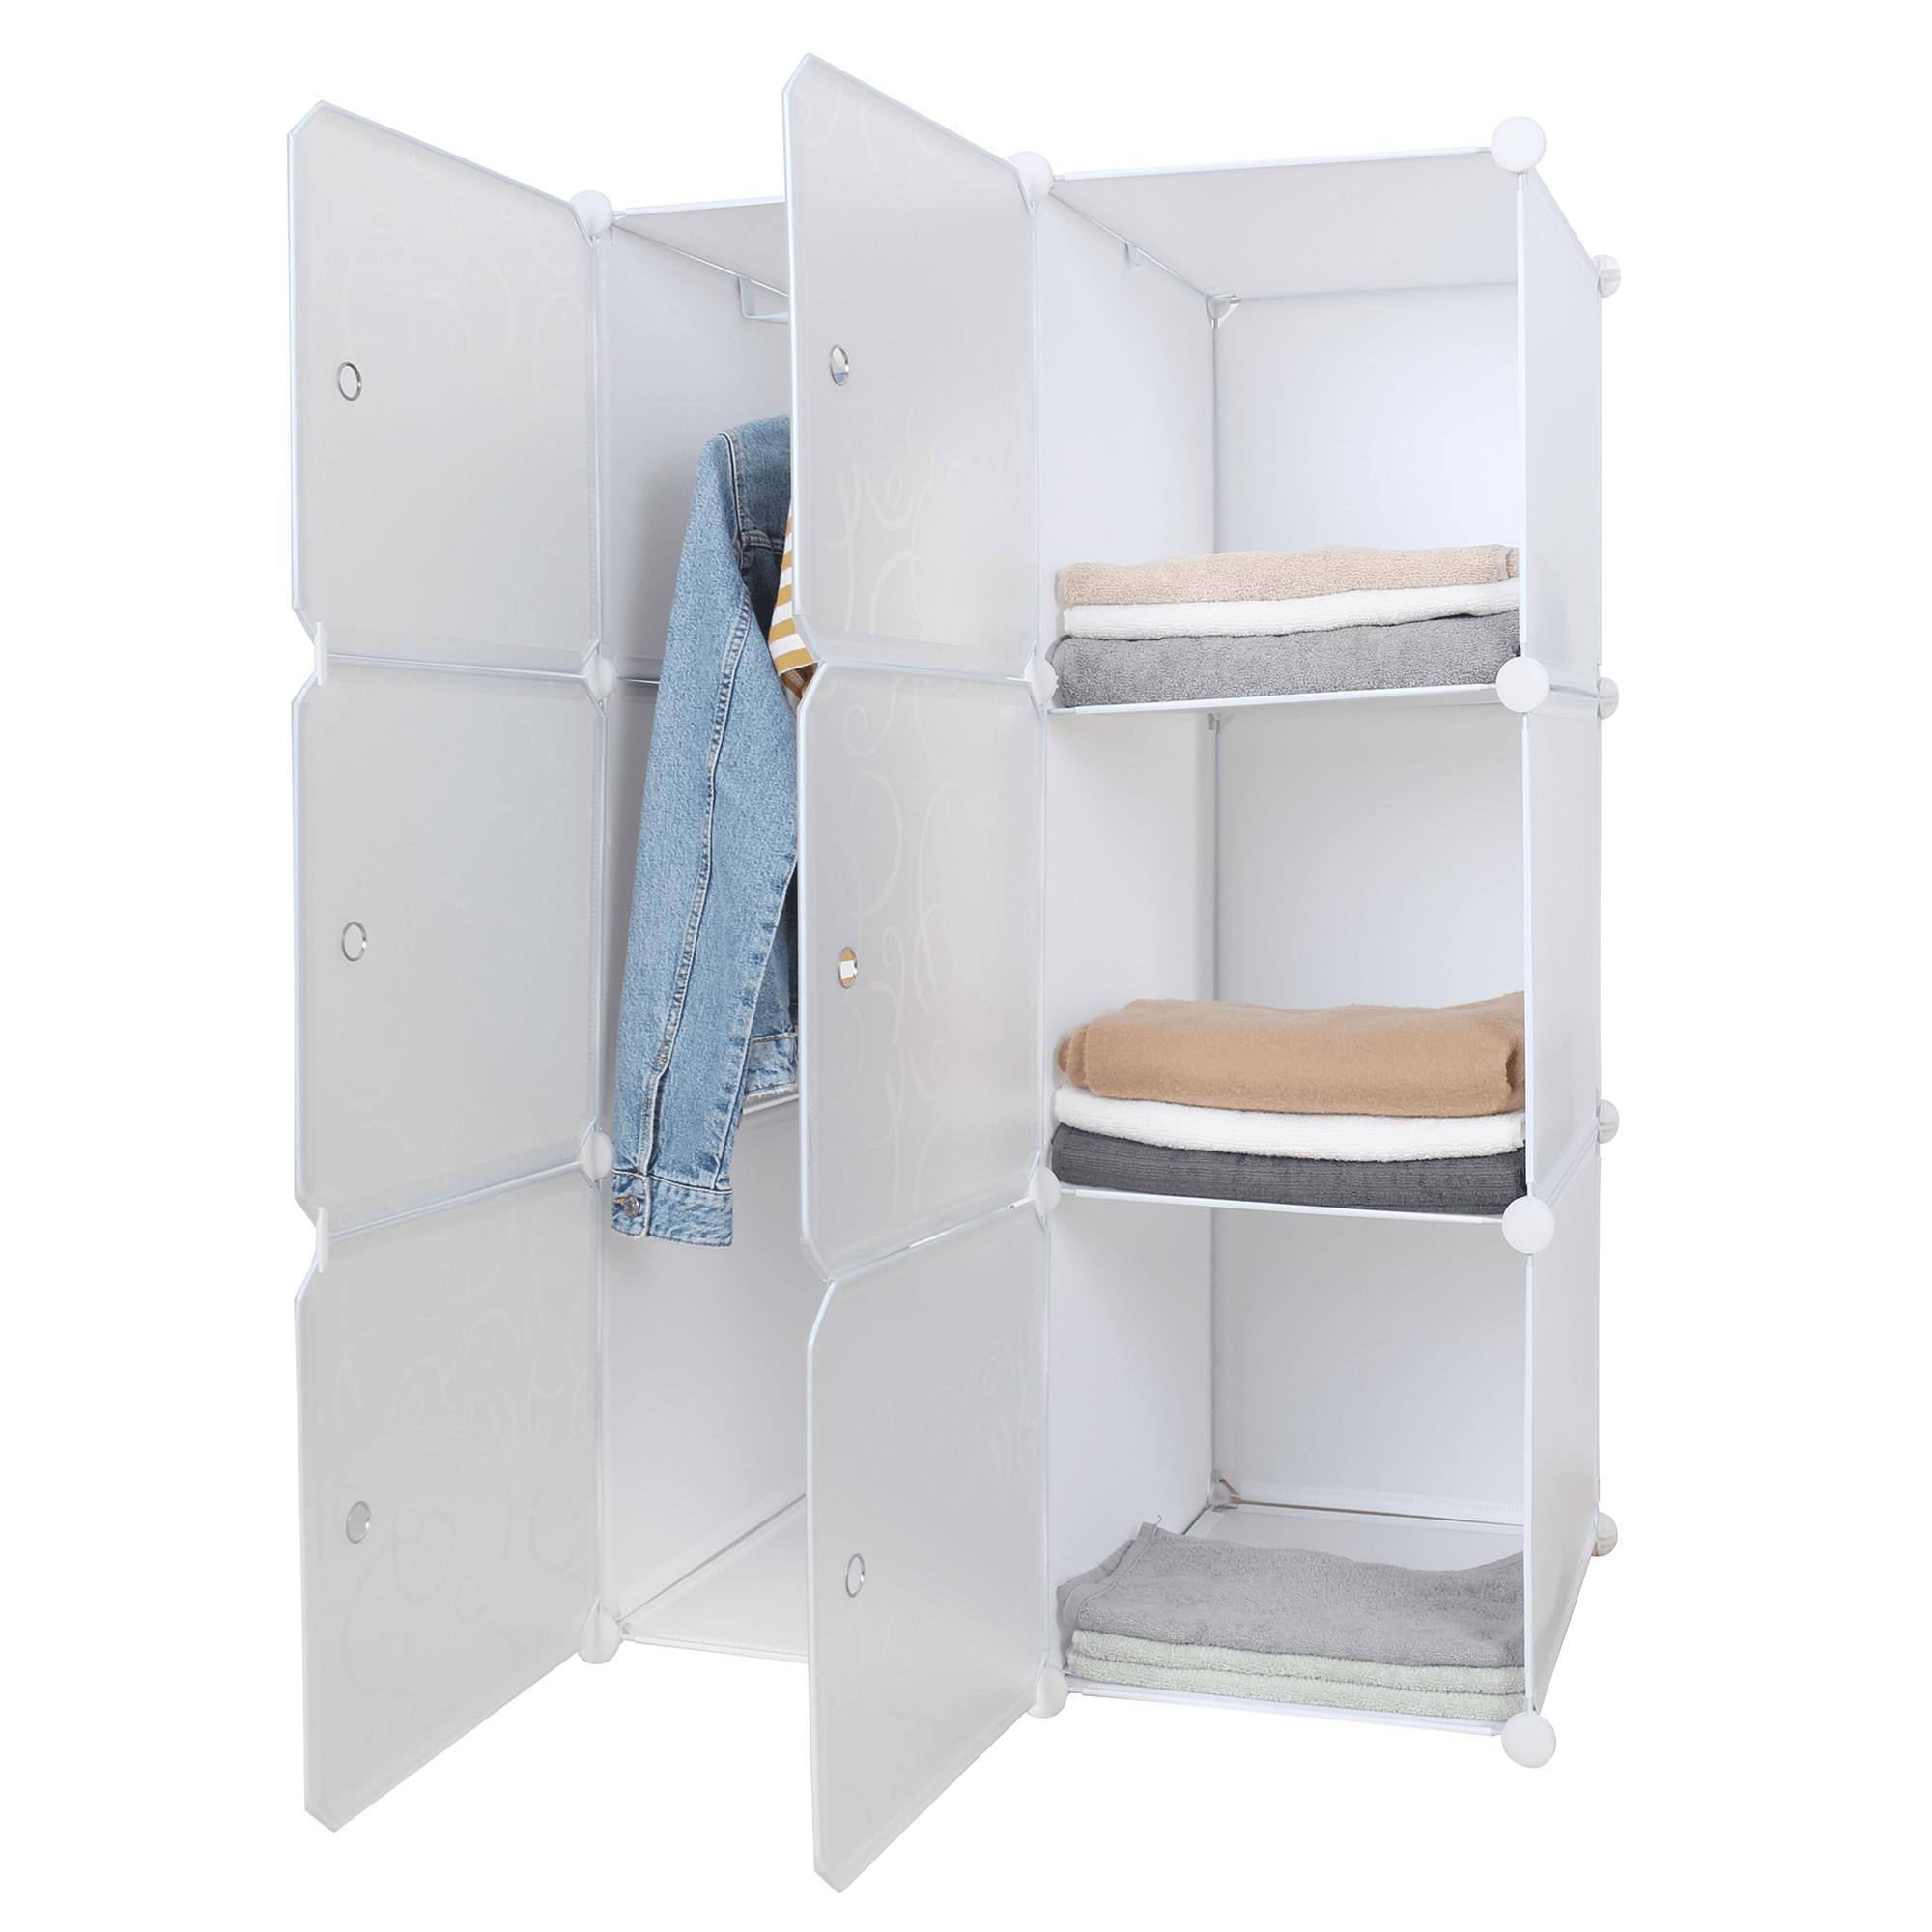 Praktická modulárna skriňa, biela/vzor, ZERUS